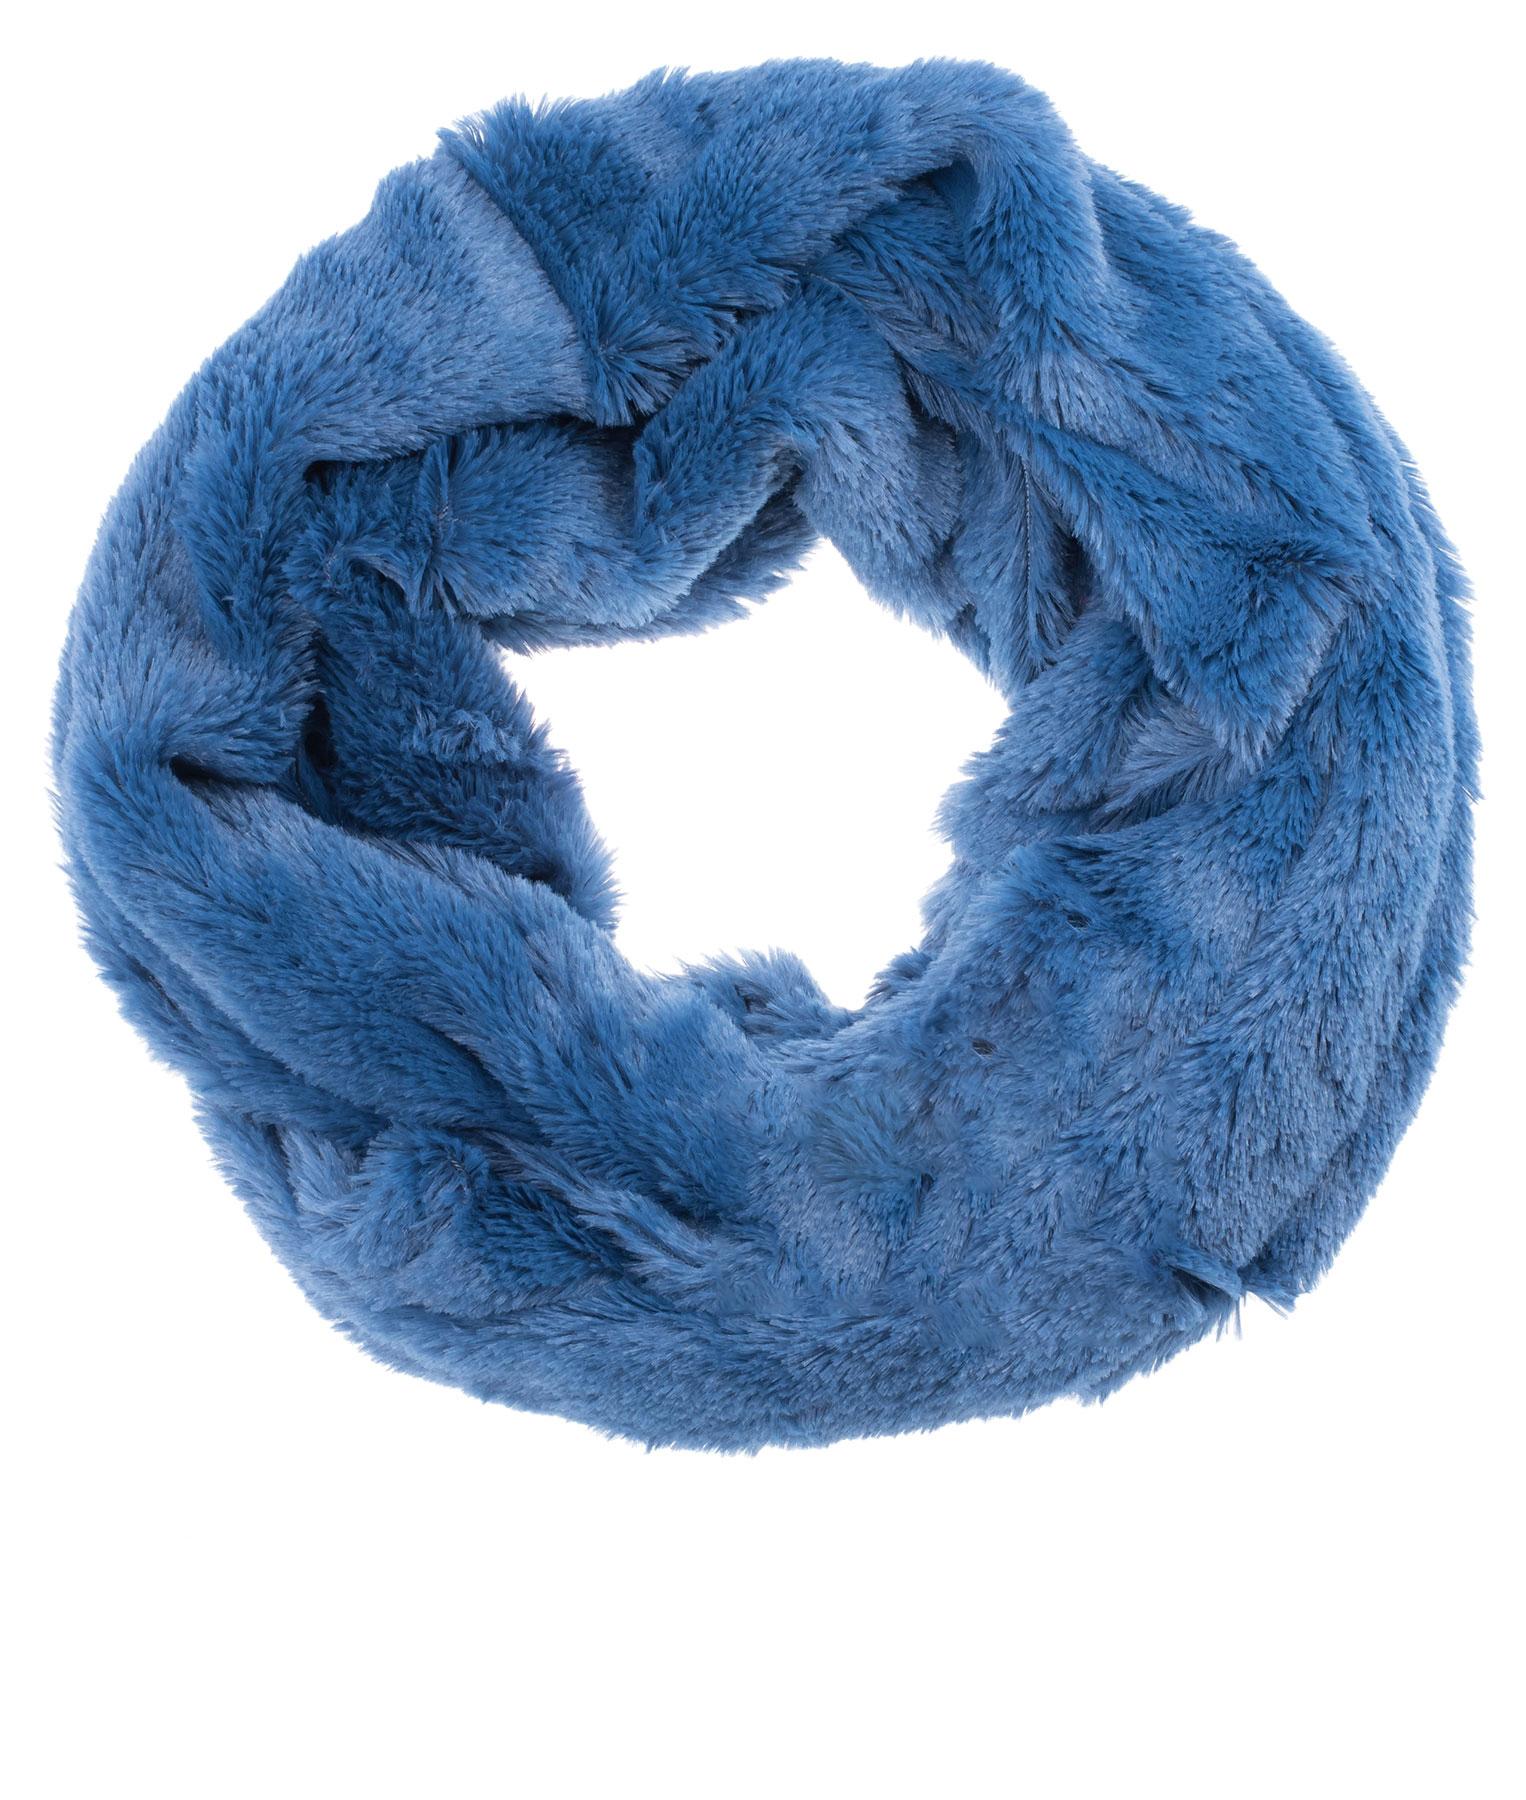 ♥ Kuschel Loop Kuschelloop Schlauchschal Plüsch-Schal Mütze Teddy d.blau ♥ NEU